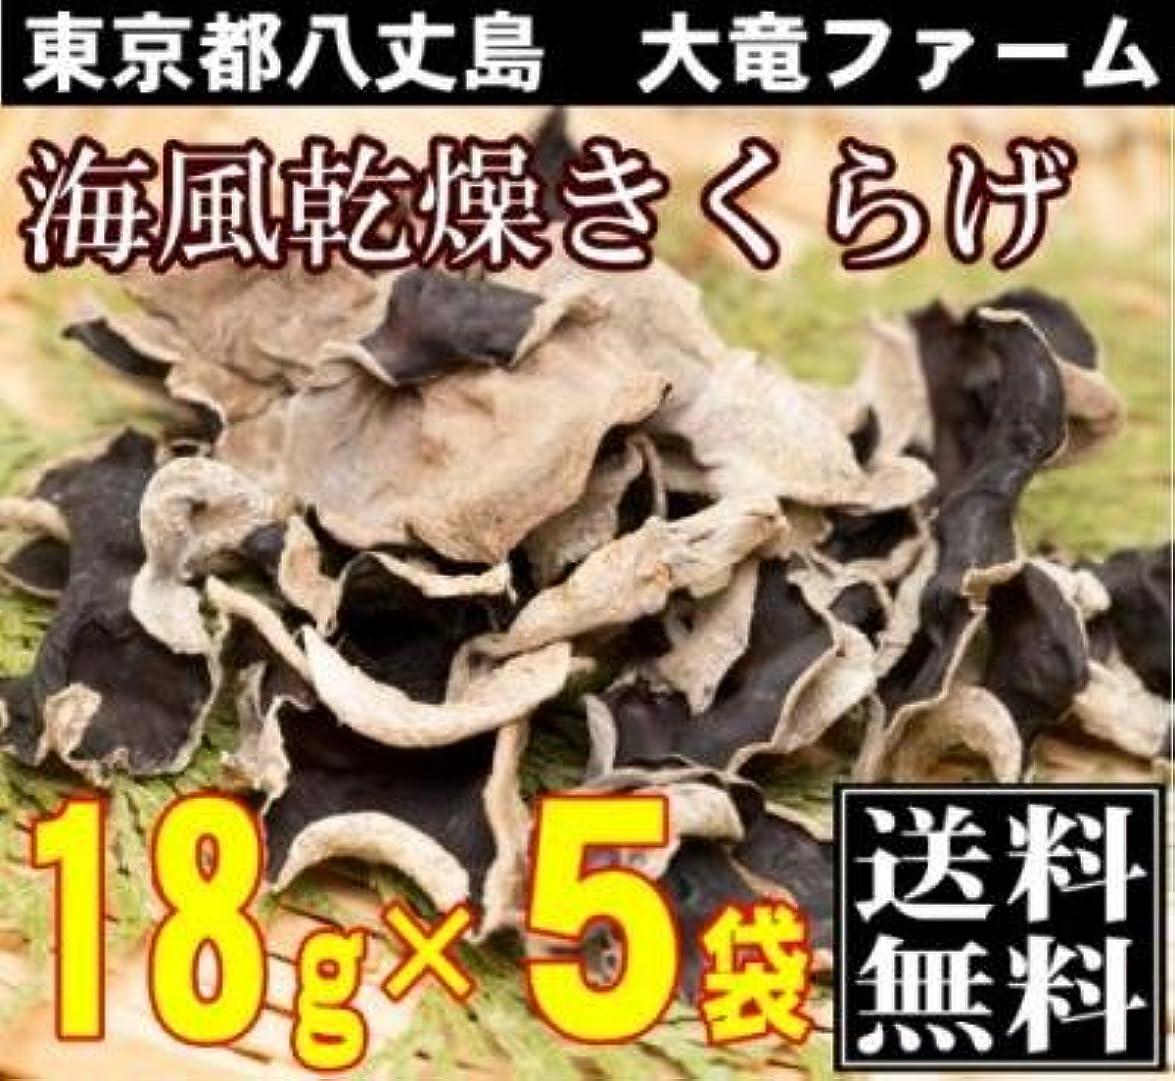 メイドかび臭い育成黒きくらげ(中国産) / 40g TOMIZ/cuoca(富澤商店)